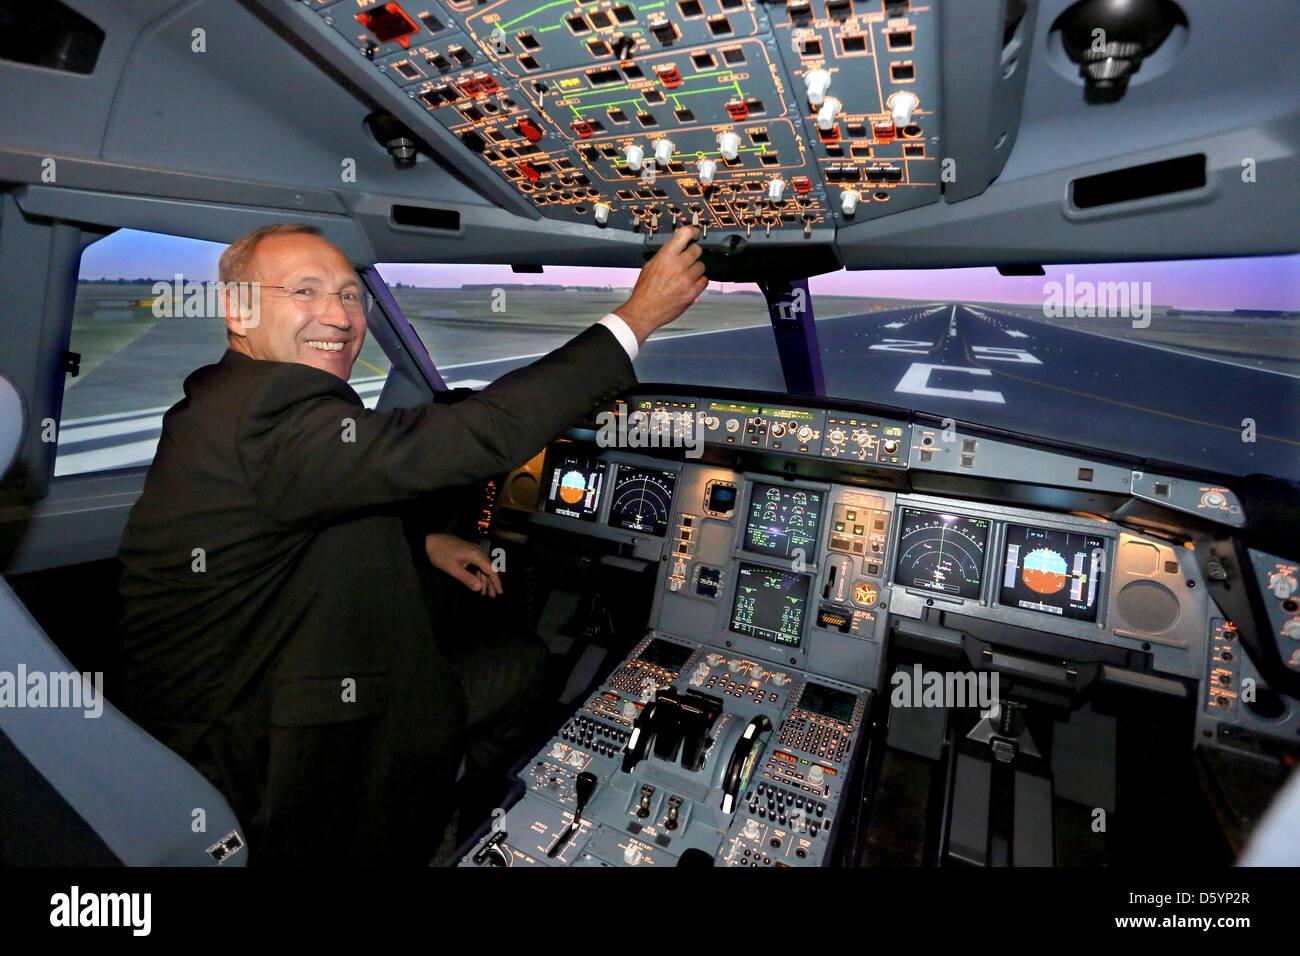 florian pilote hamm se trouve lintrieur du nouvel airbus a330 200 sur le simulateur de pilotage lufthansa flight training locaux berlin allemagne